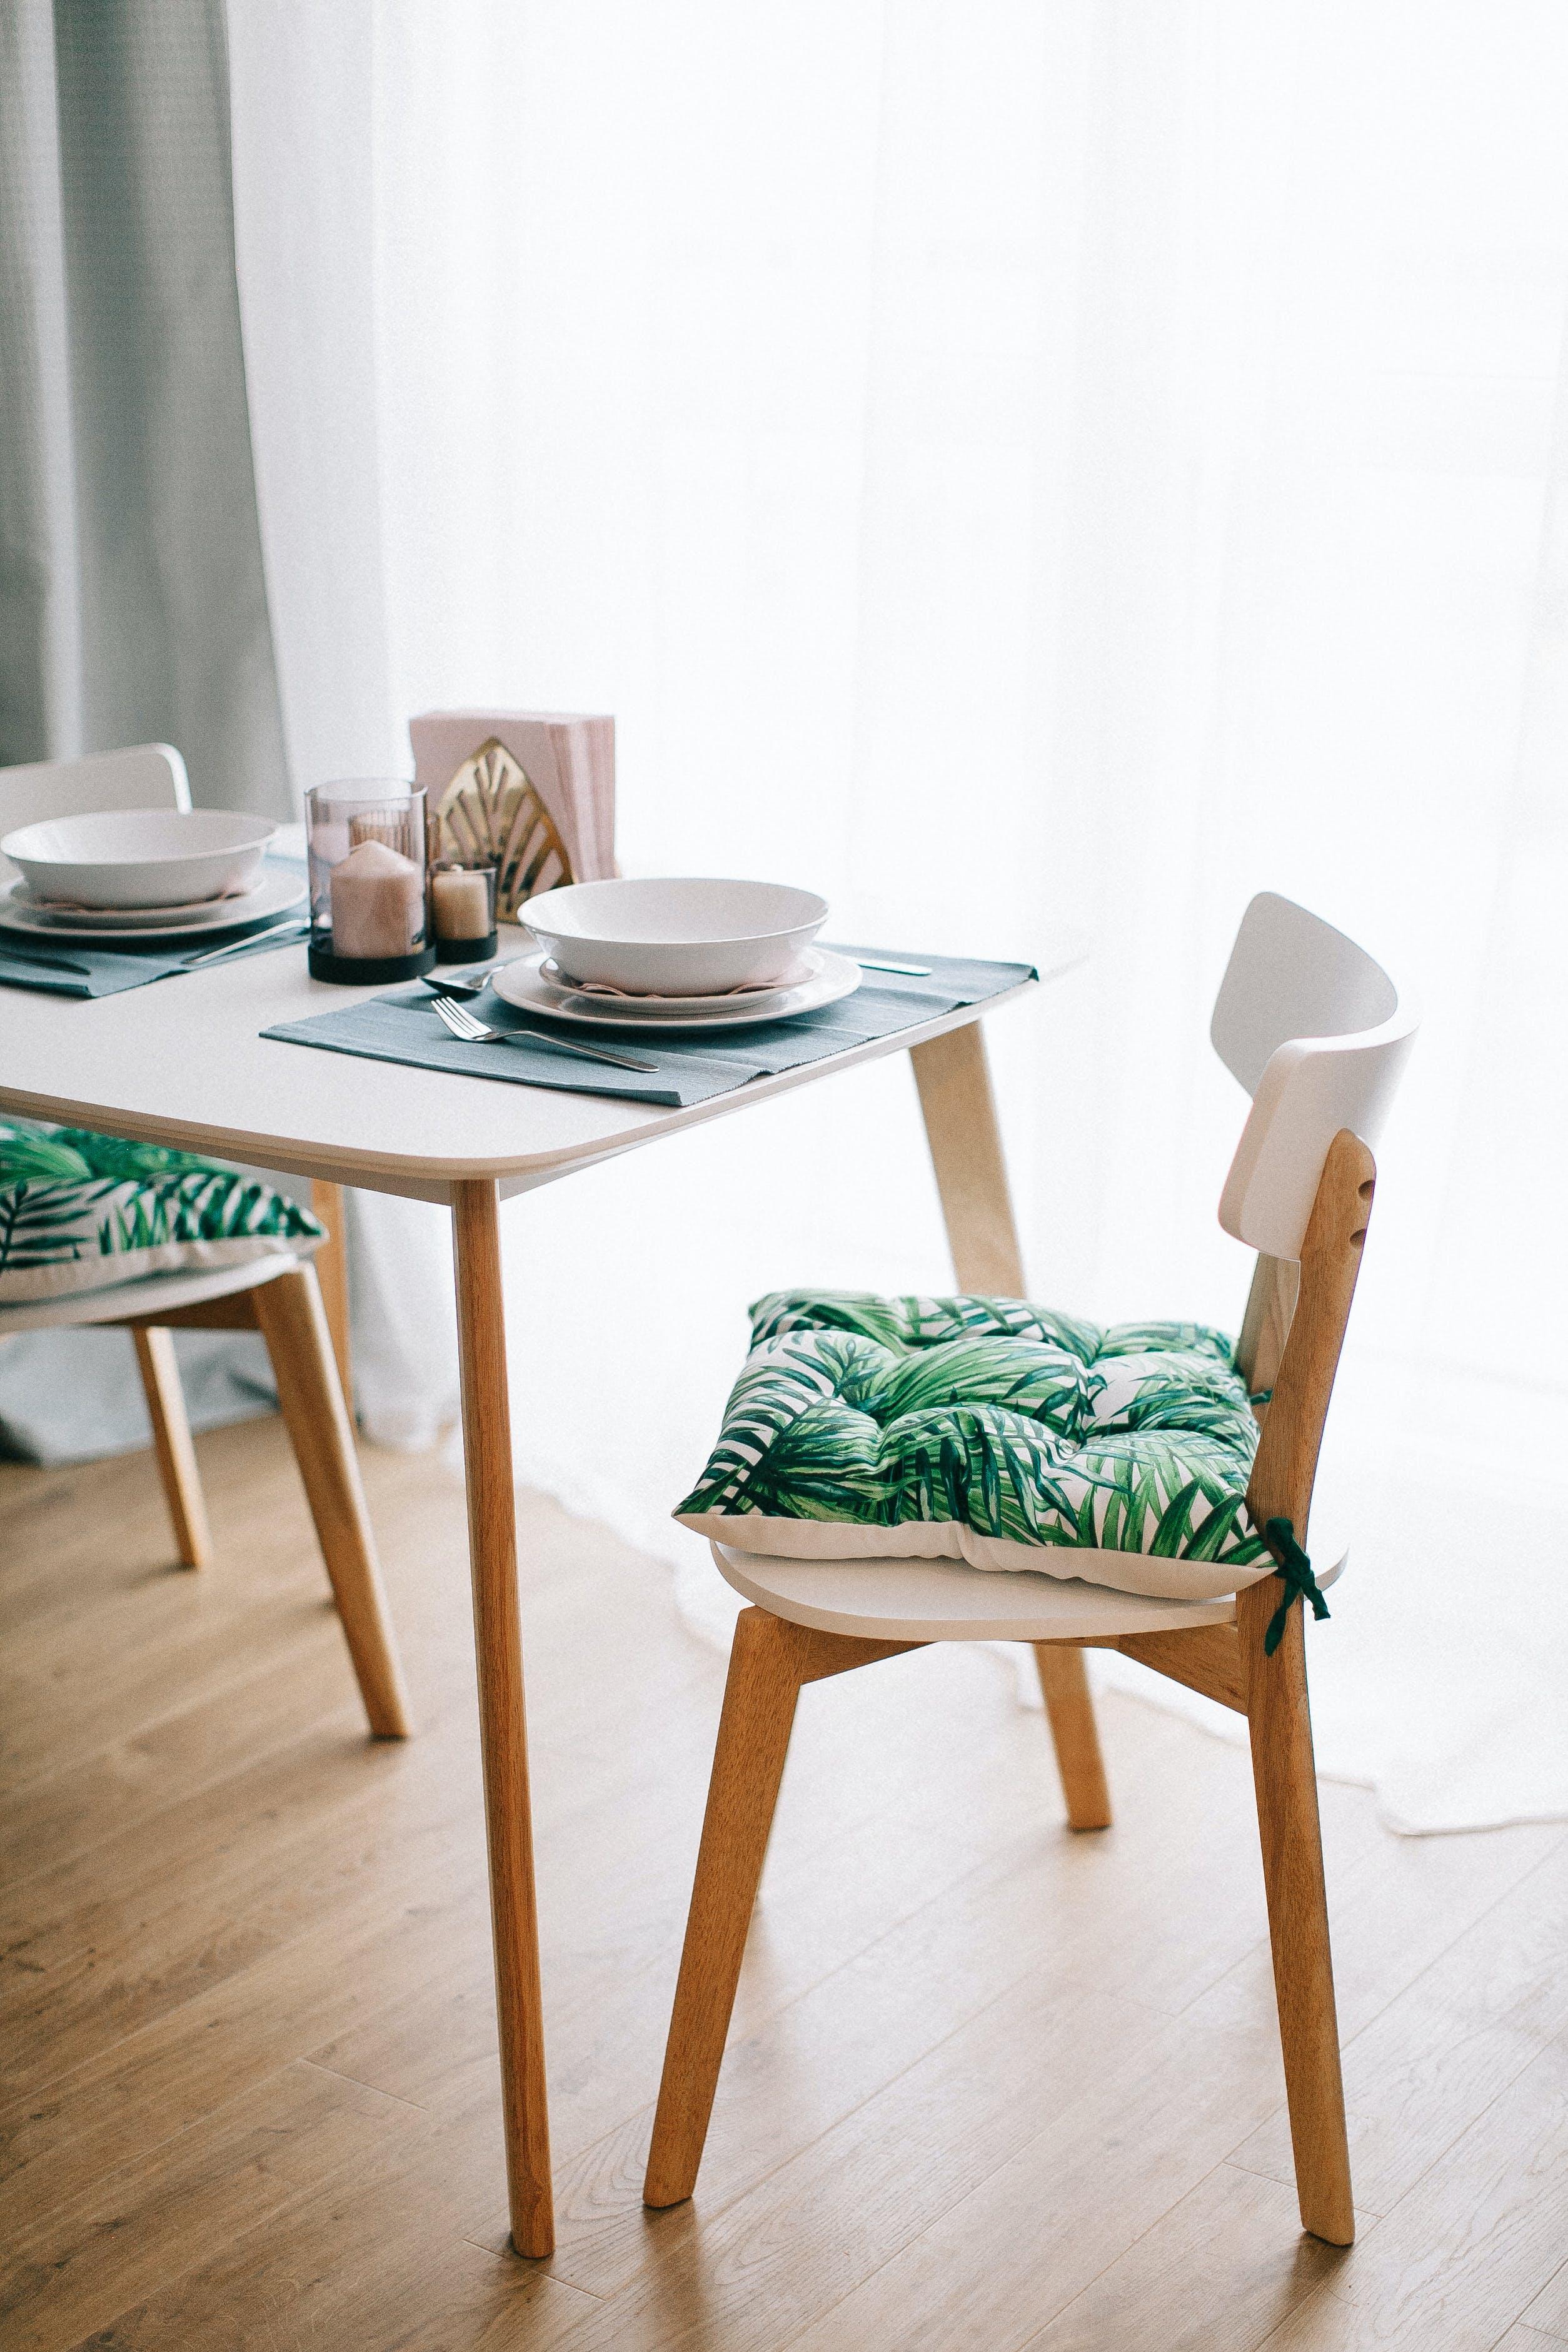 Gratis stockfoto met binnenshuis, comfort, designen, dining